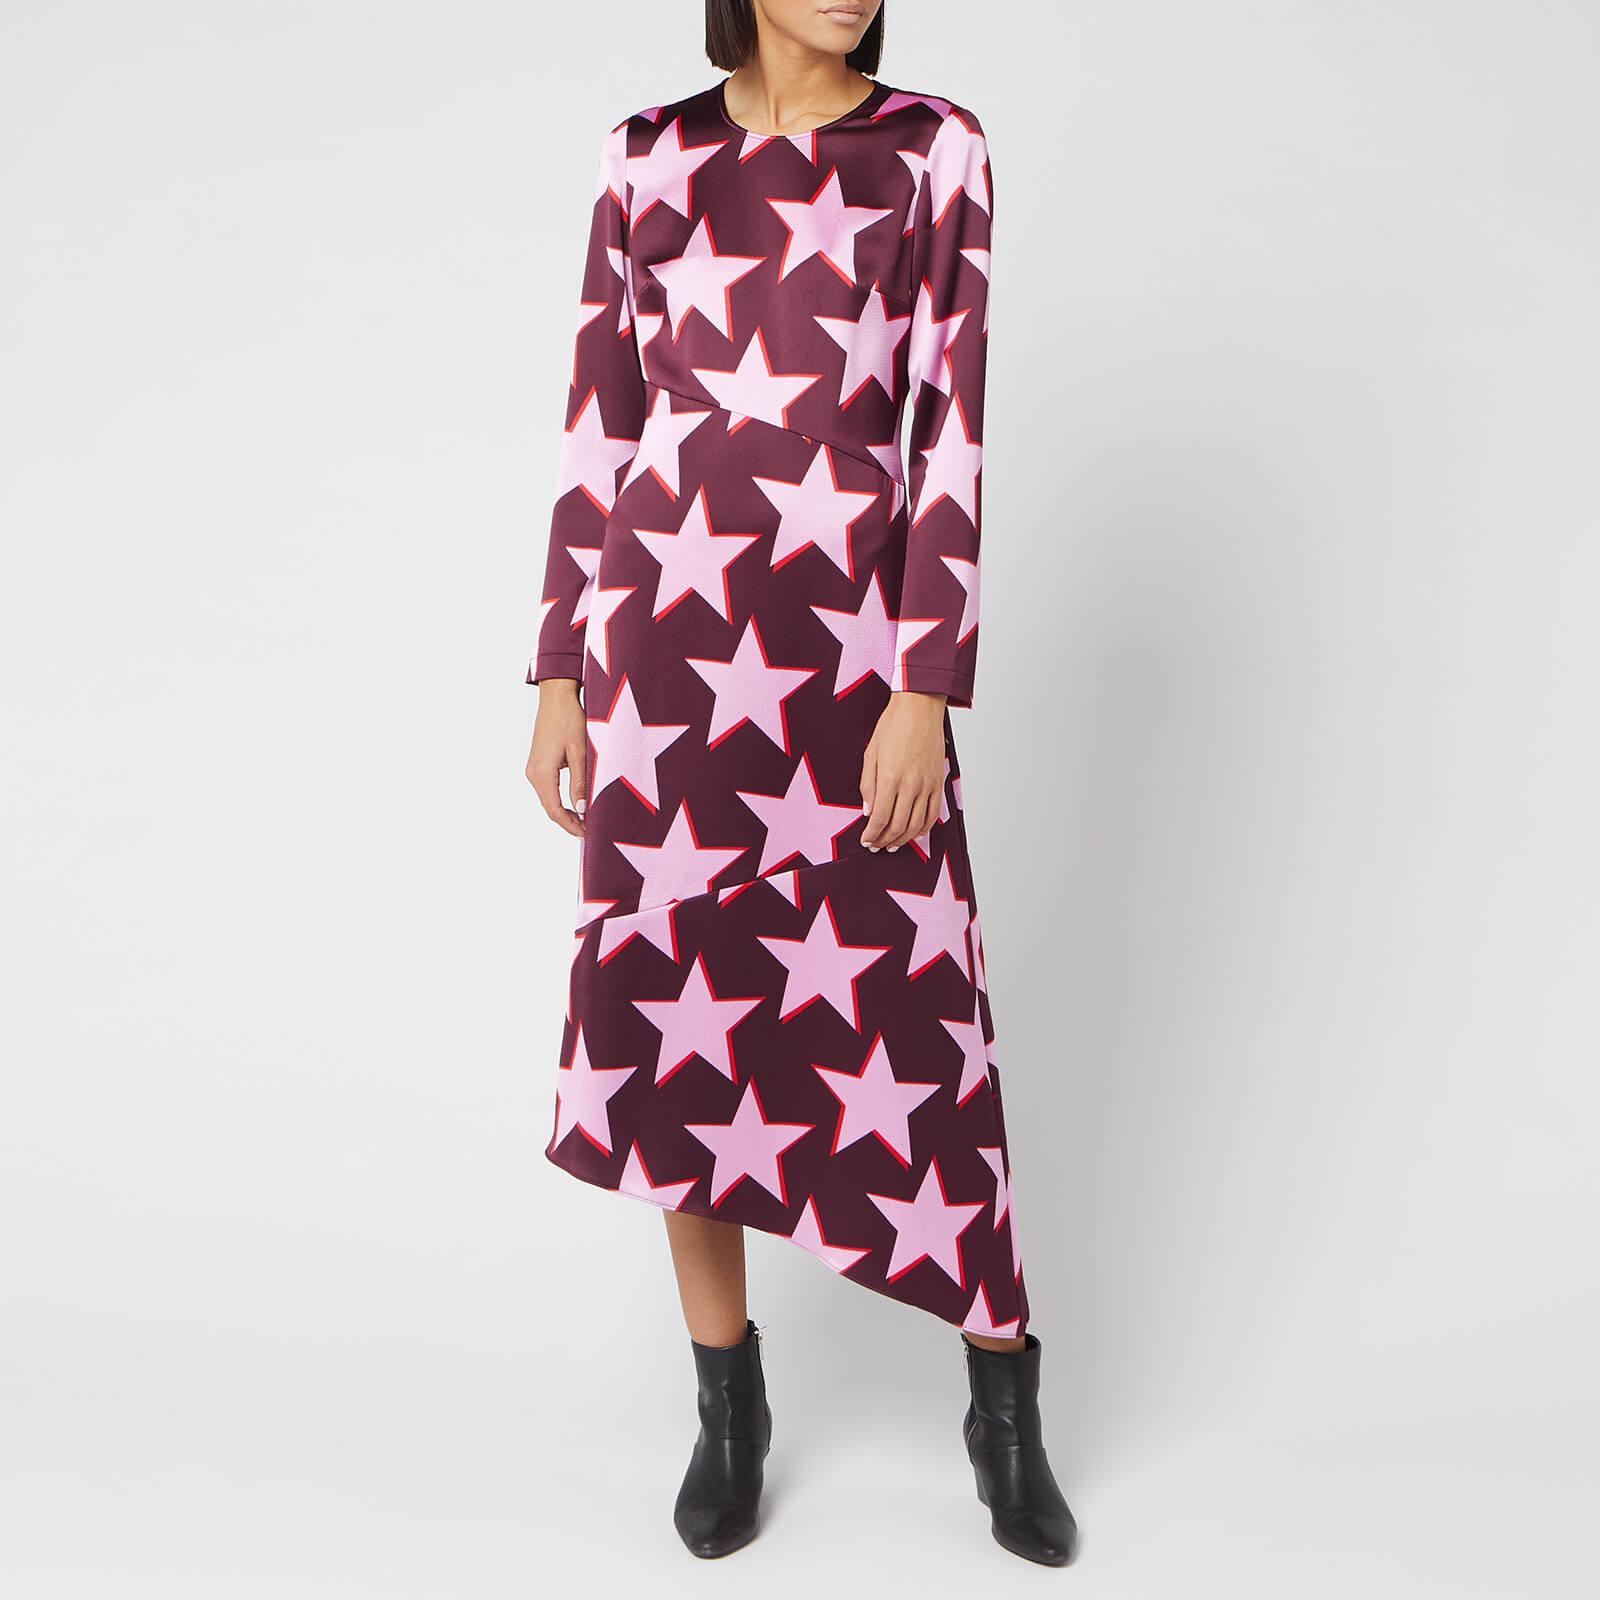 Hugo Boss Women's Komerla Dress - Open Miscellaneous - UK 8